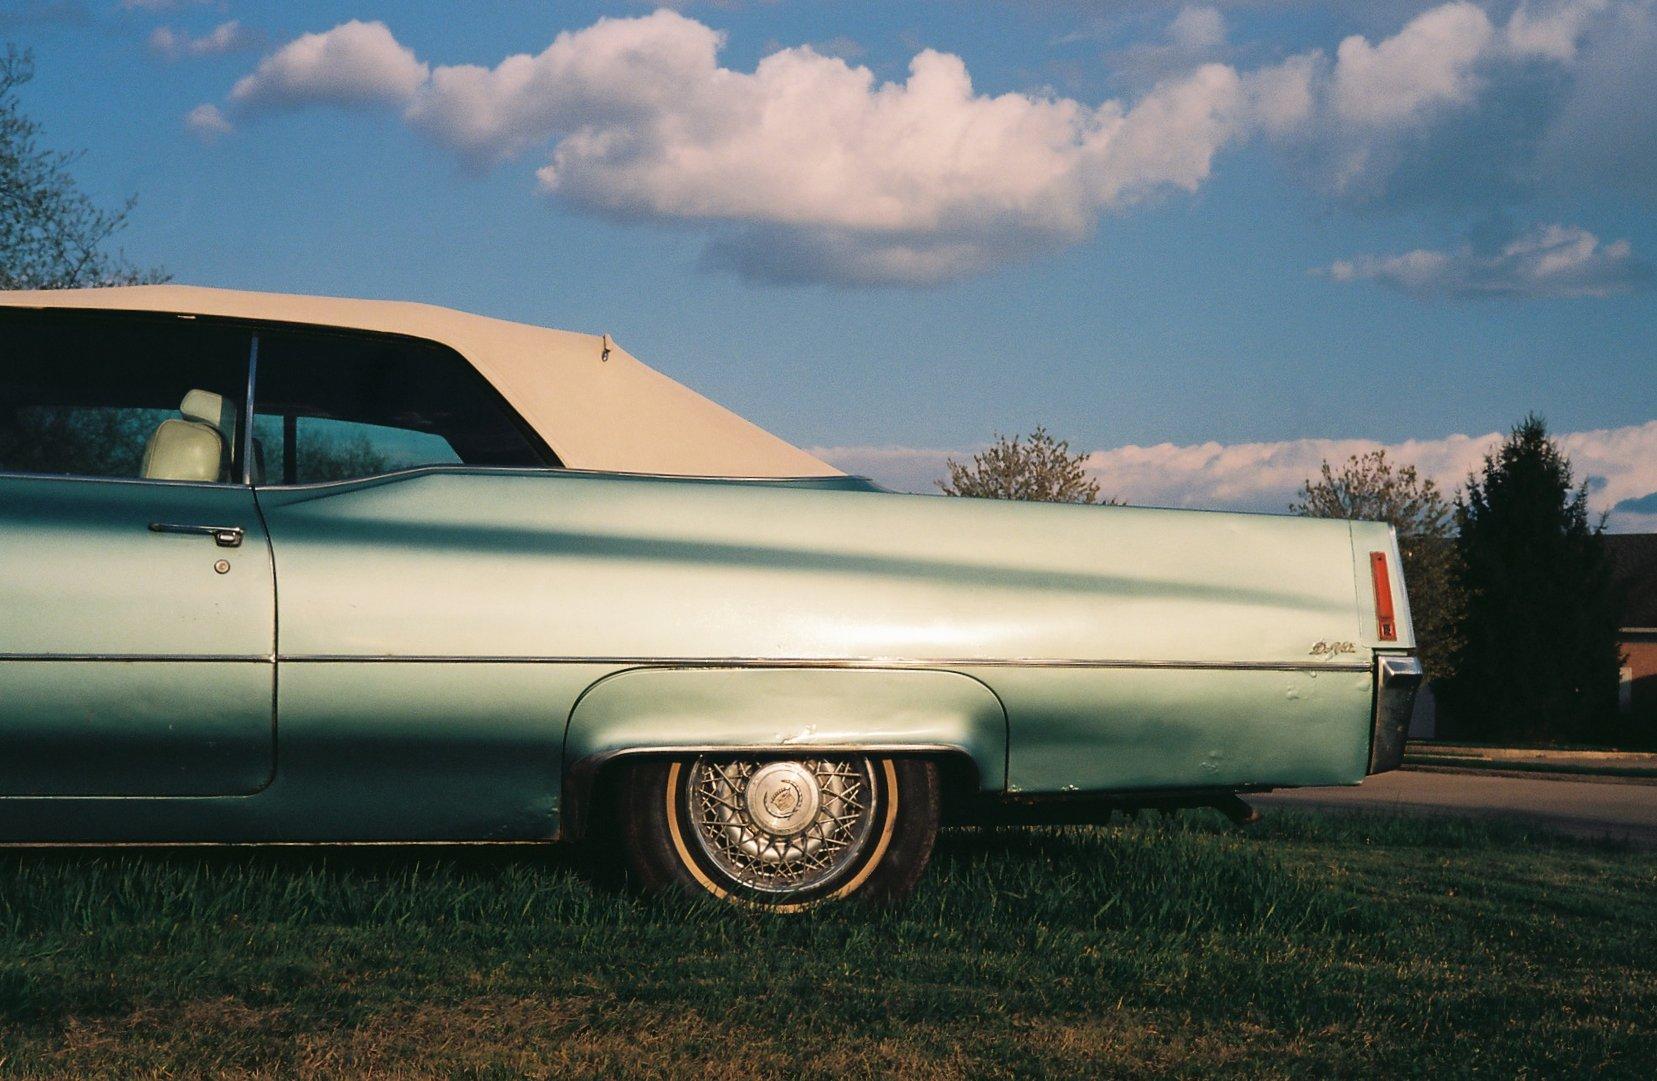 Hintergrundbilder leica blau licht klassisch autos film